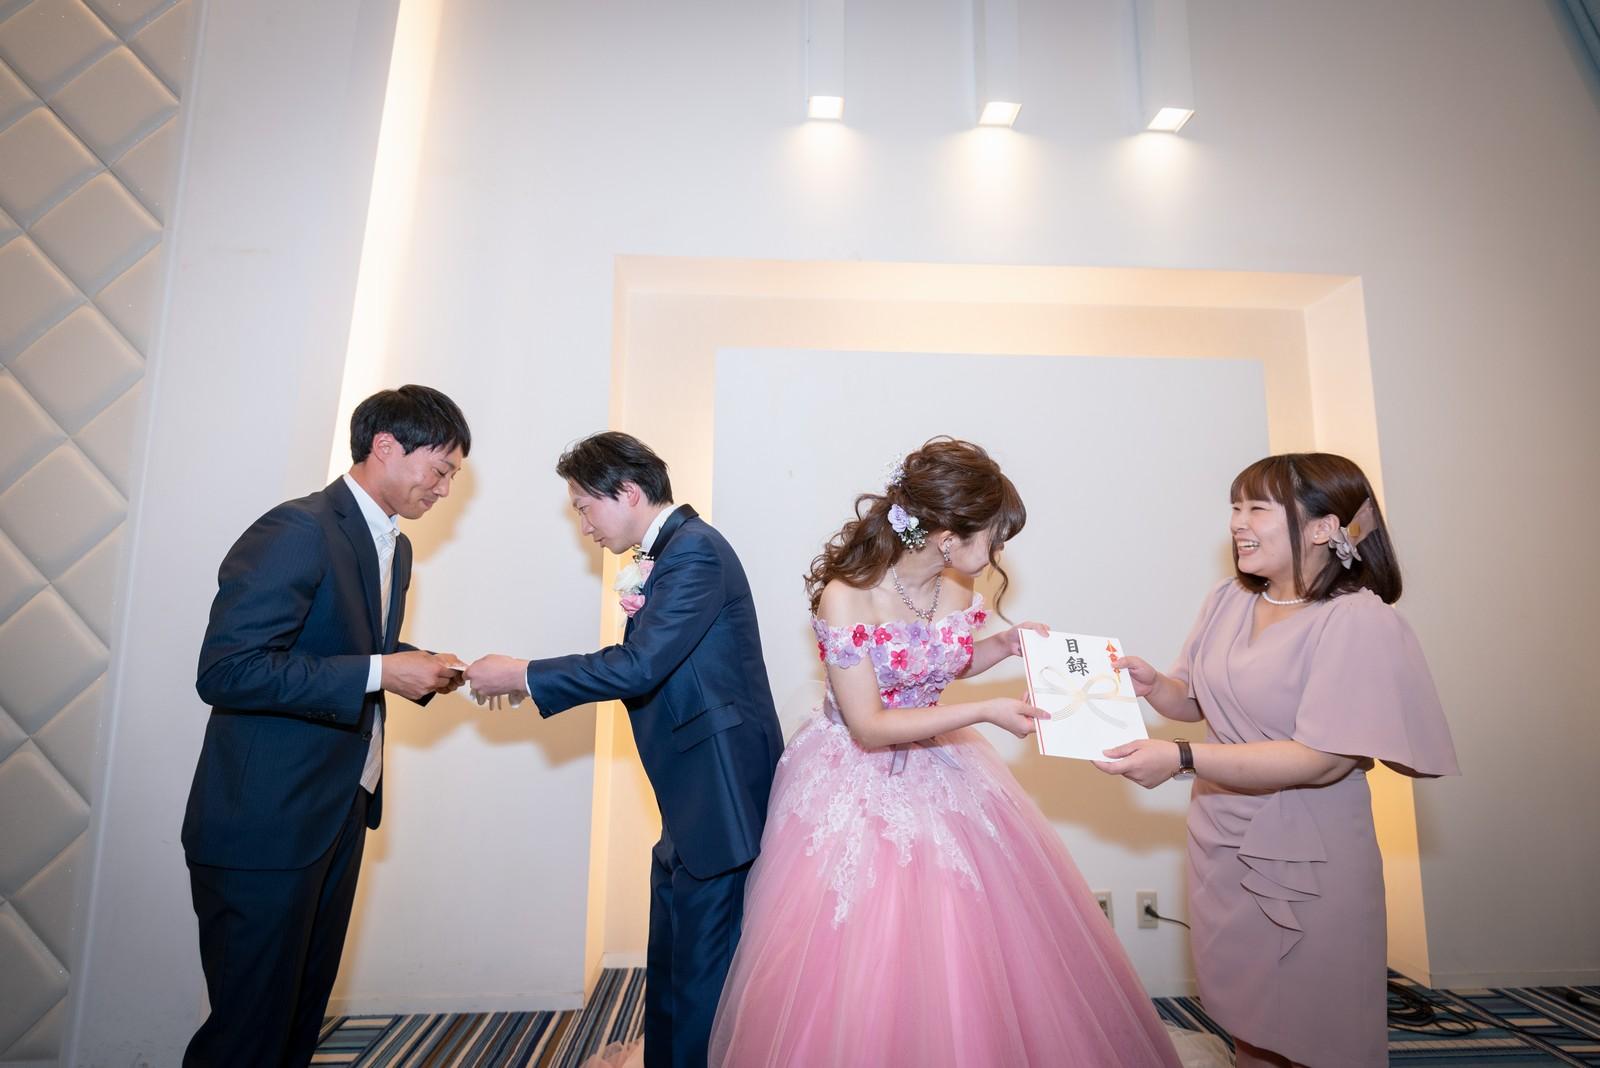 香川県の結婚式場のシェルエメール&アイスタイル ドレス色当てクイズ当選者